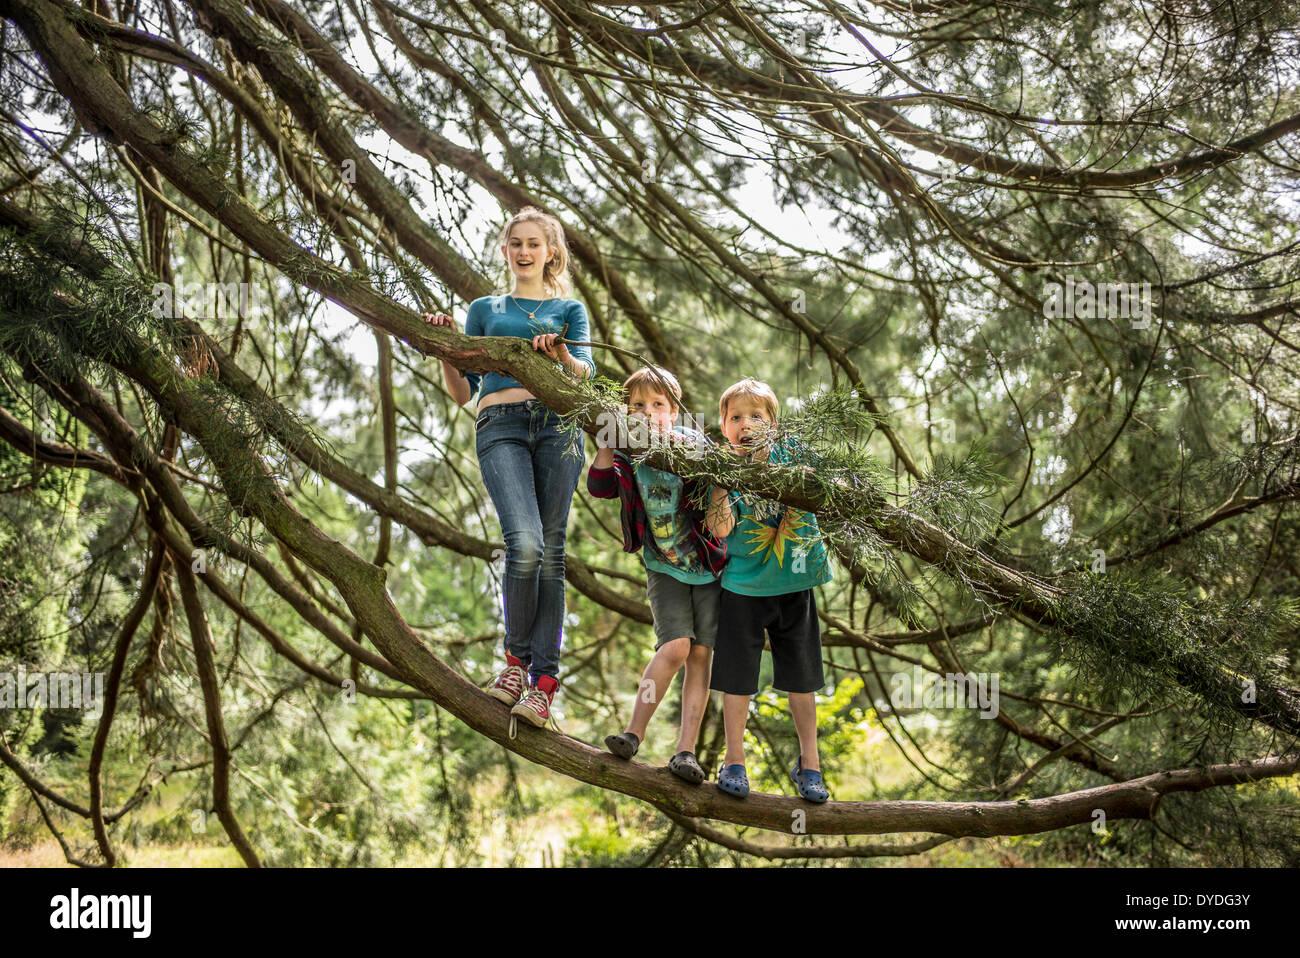 Deux frères et leur sœur grimper aux arbres dans la forêt. Photo Stock